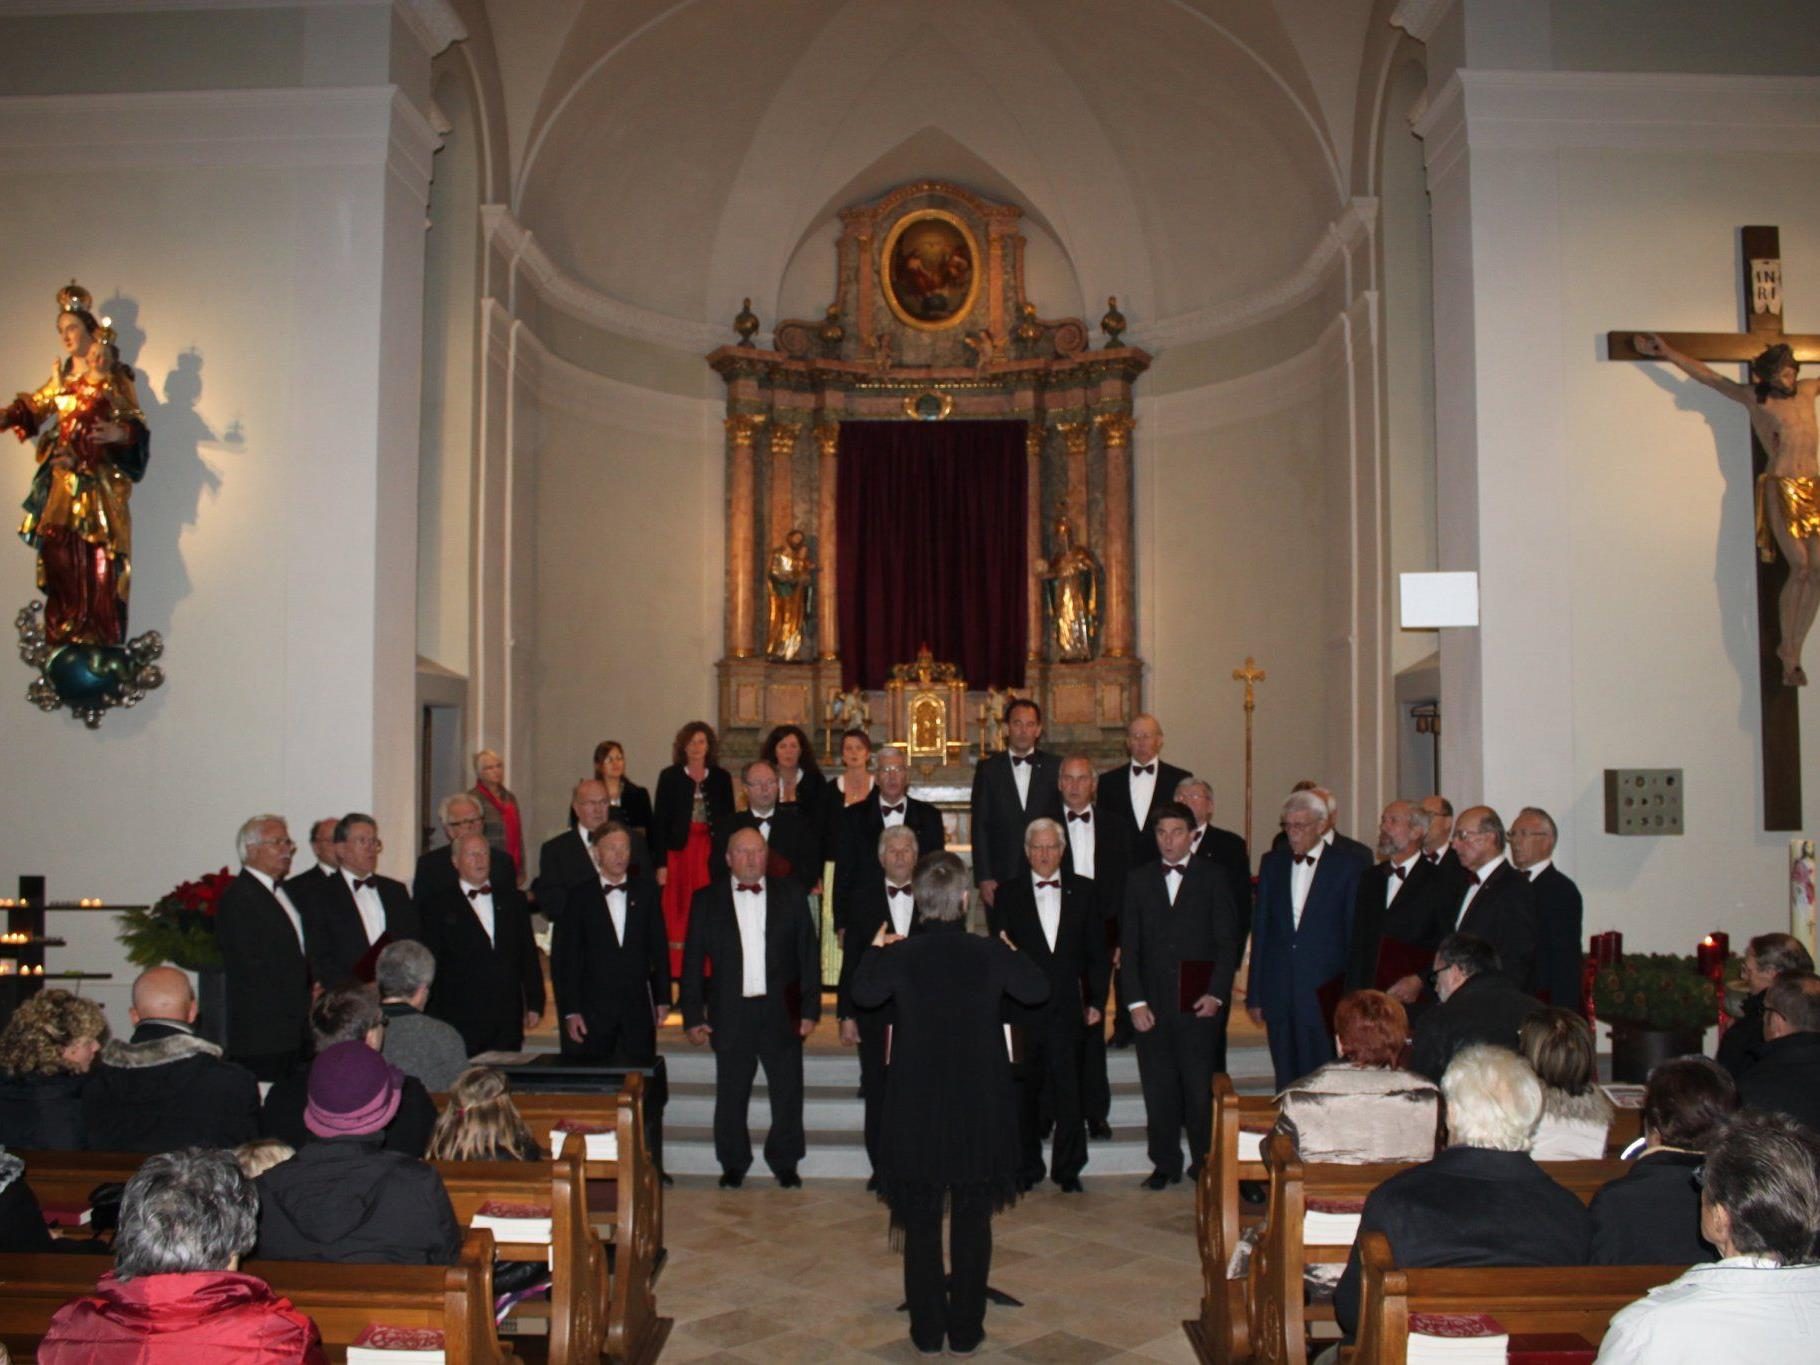 Zu diesem schönen Konzertabend konnte man allen Mitwirkenden nur gratulieren.